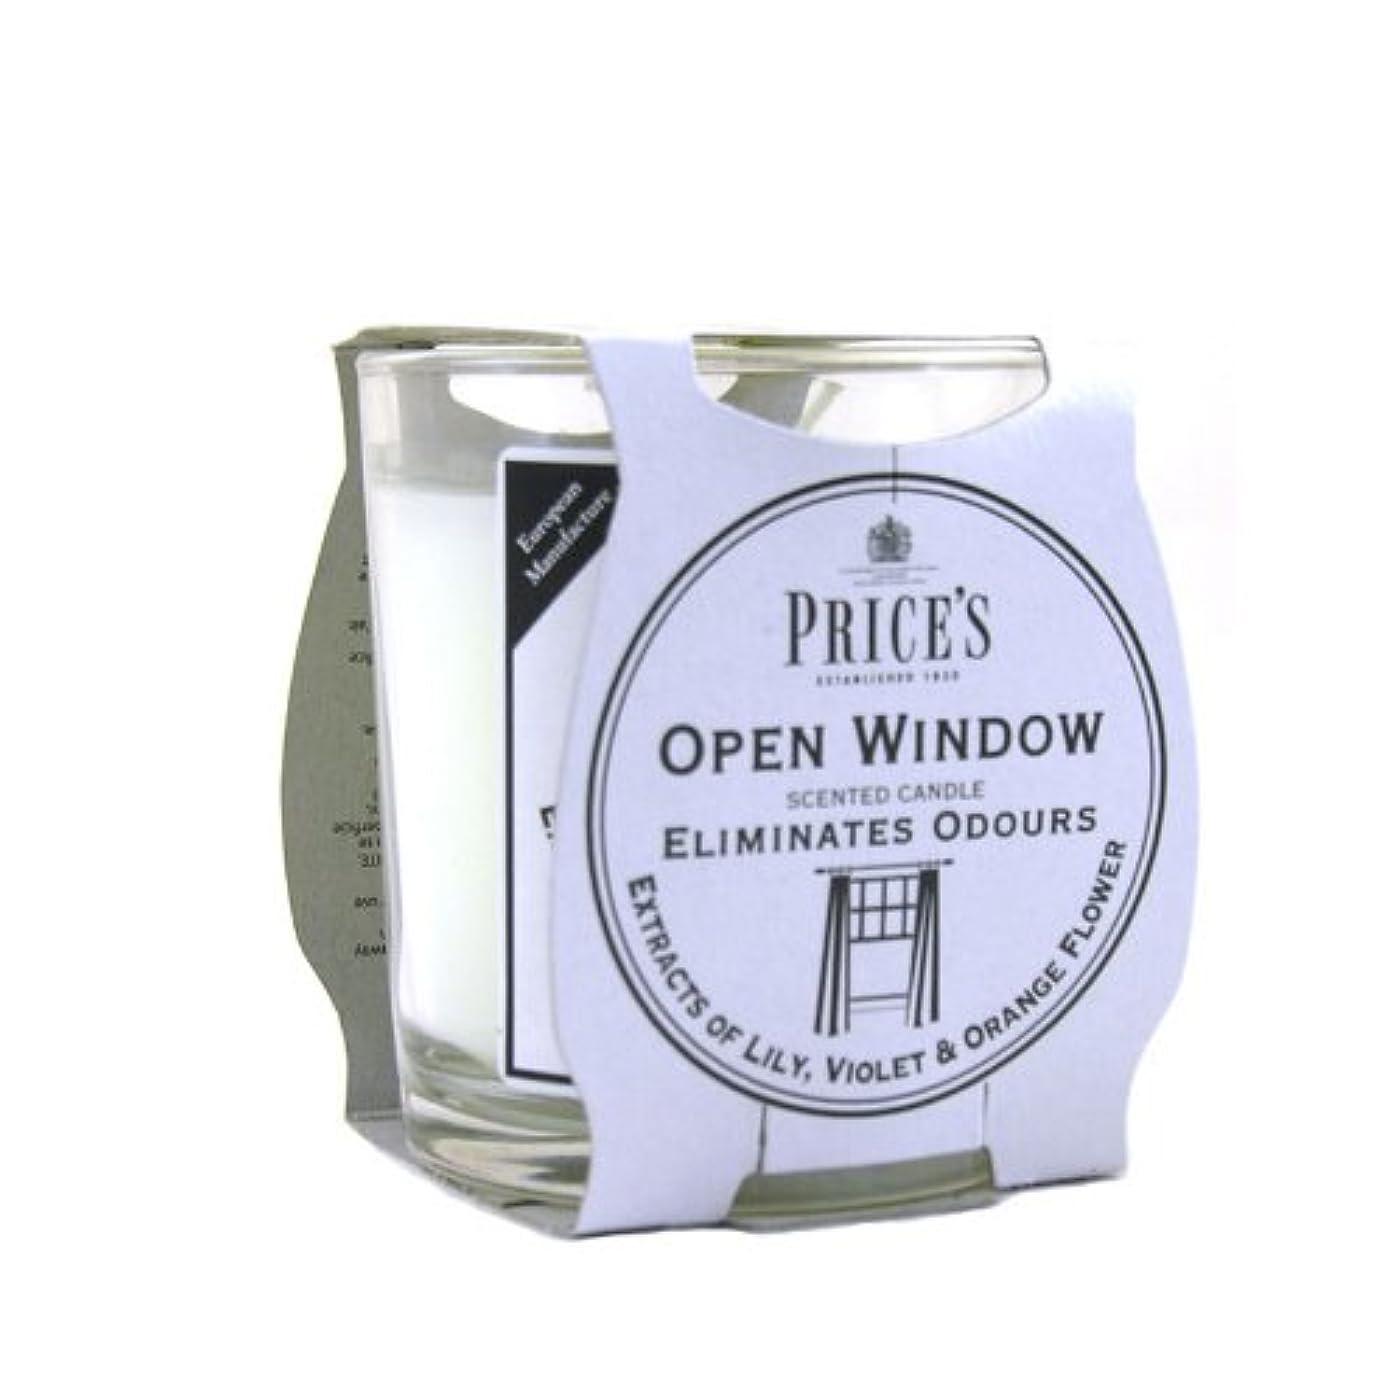 刻む評価可能拷問Price′s(プライシズ) Fresh Air CANDLE TIN Jar type (フレッシュエアー キャンドル ジャータイプ) OPEN WINDOW(オープンウィンドゥ)